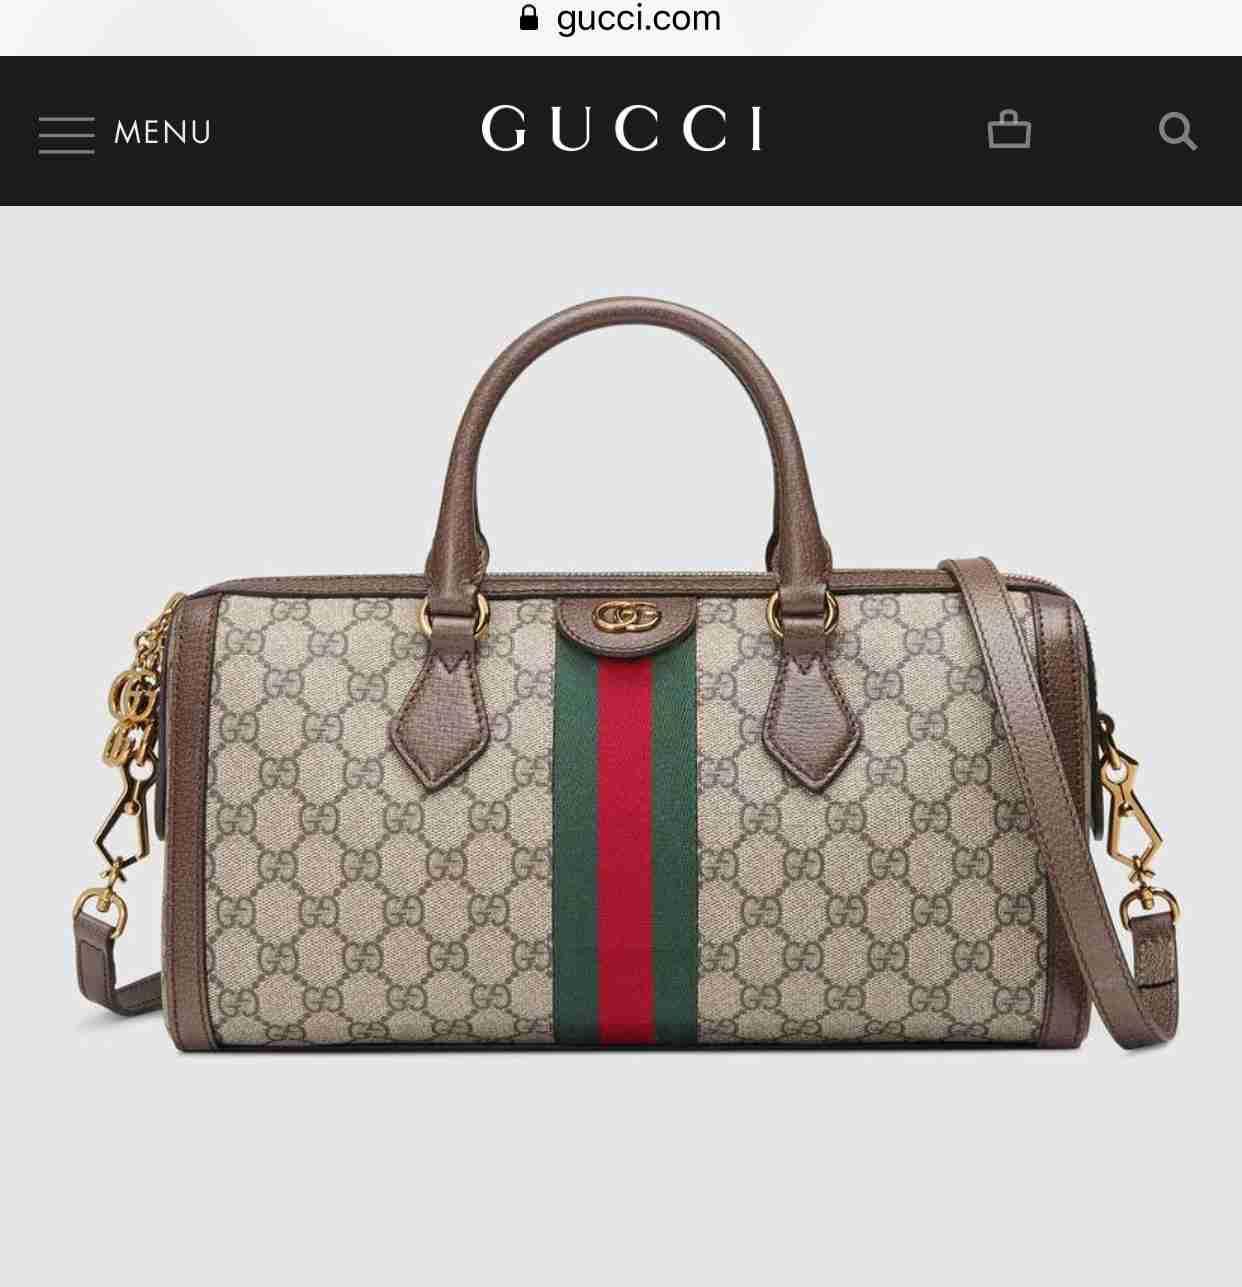 バッグ何個持ってますか?